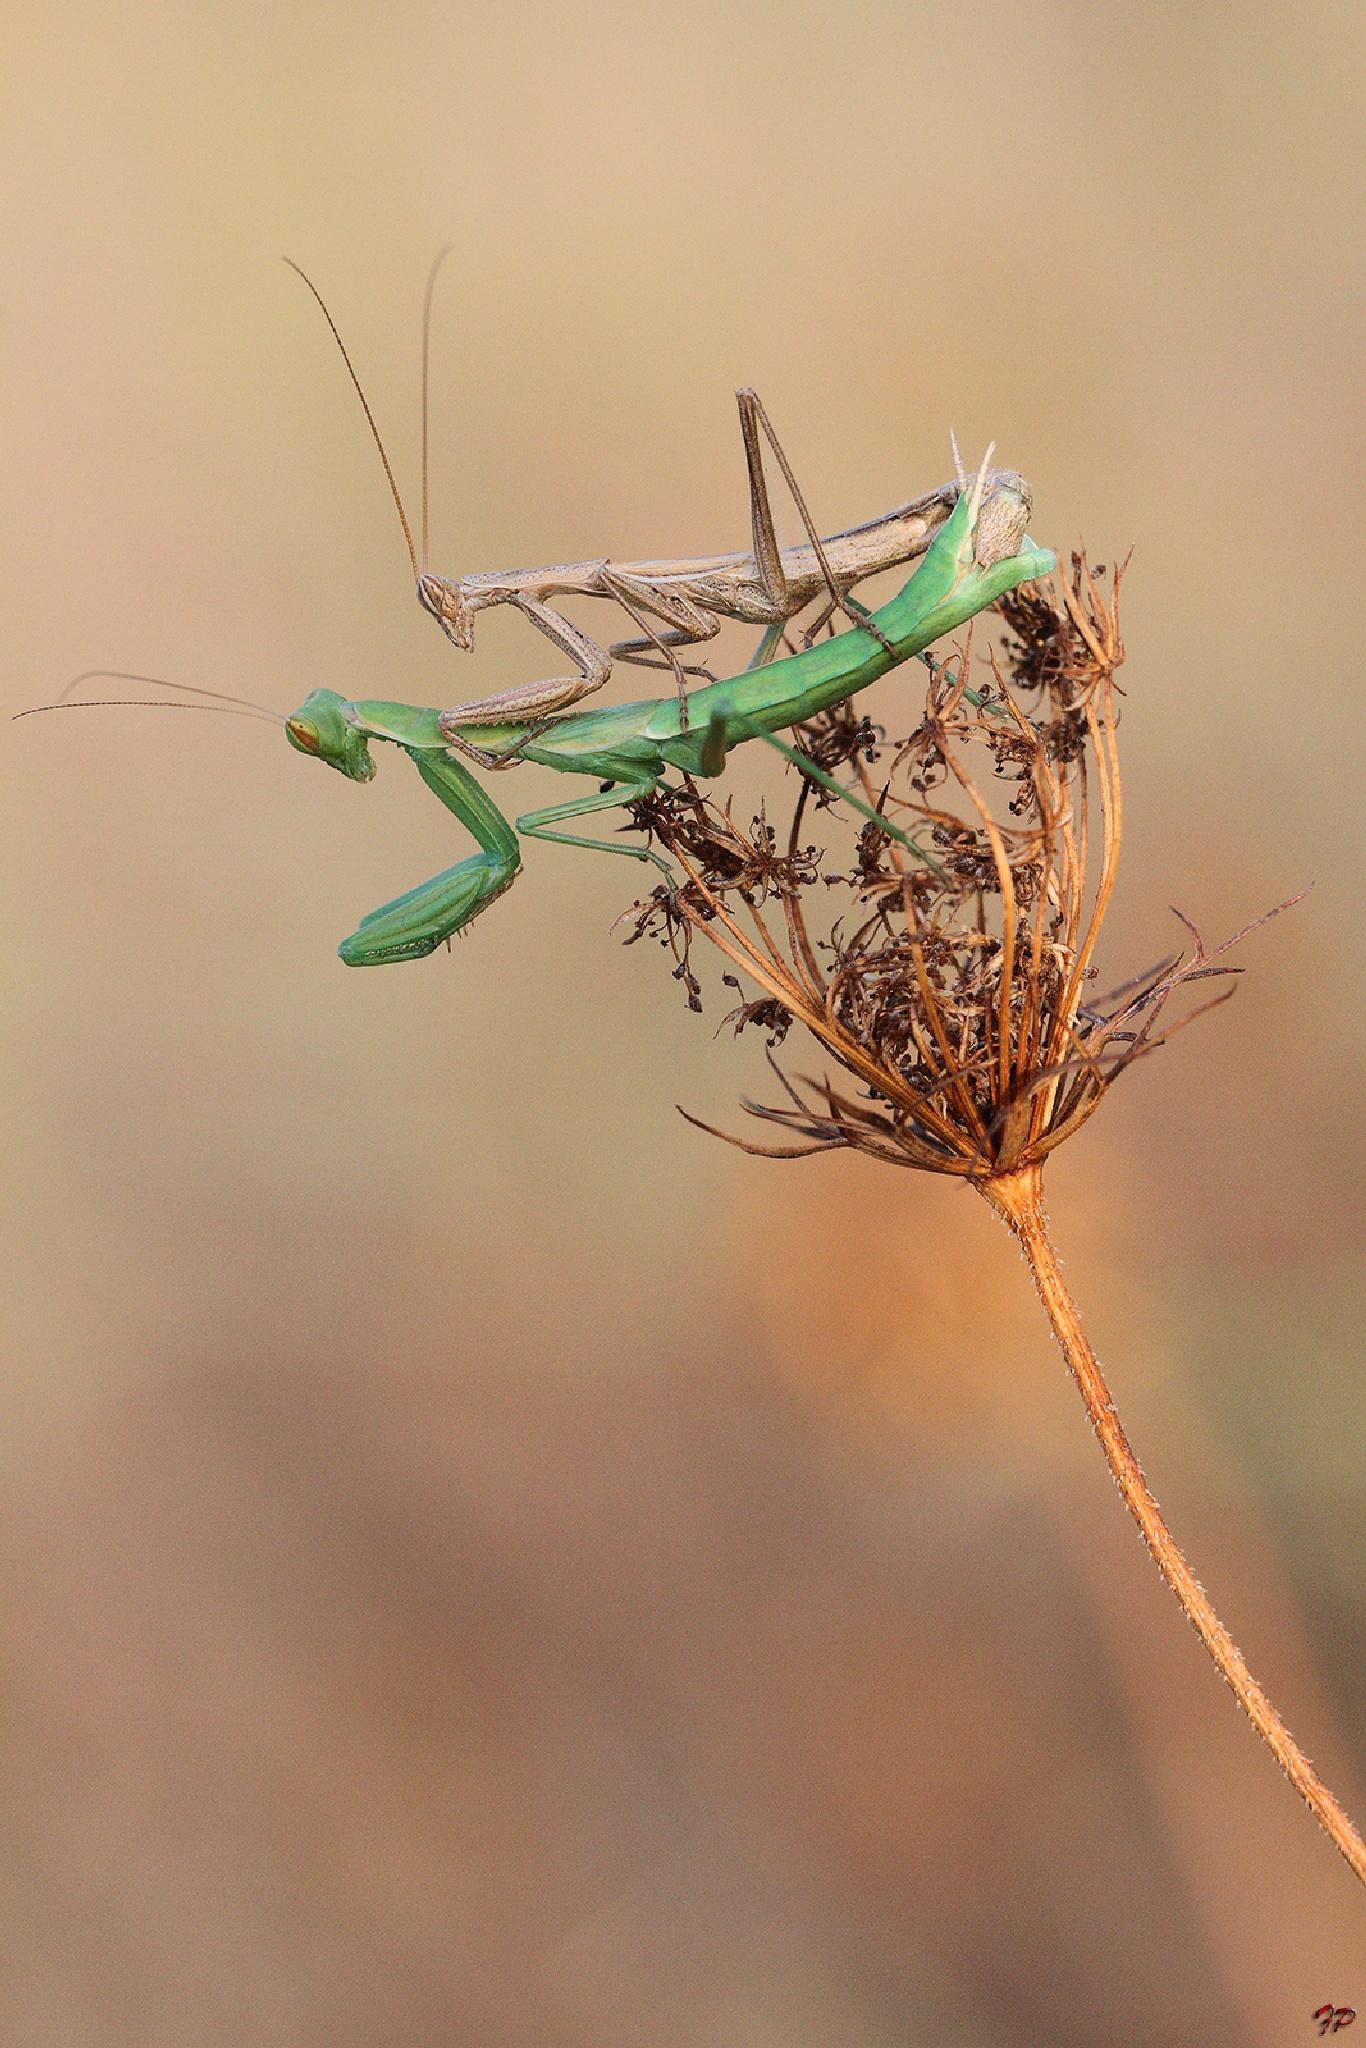 Mantis by Fabio Pisciotta